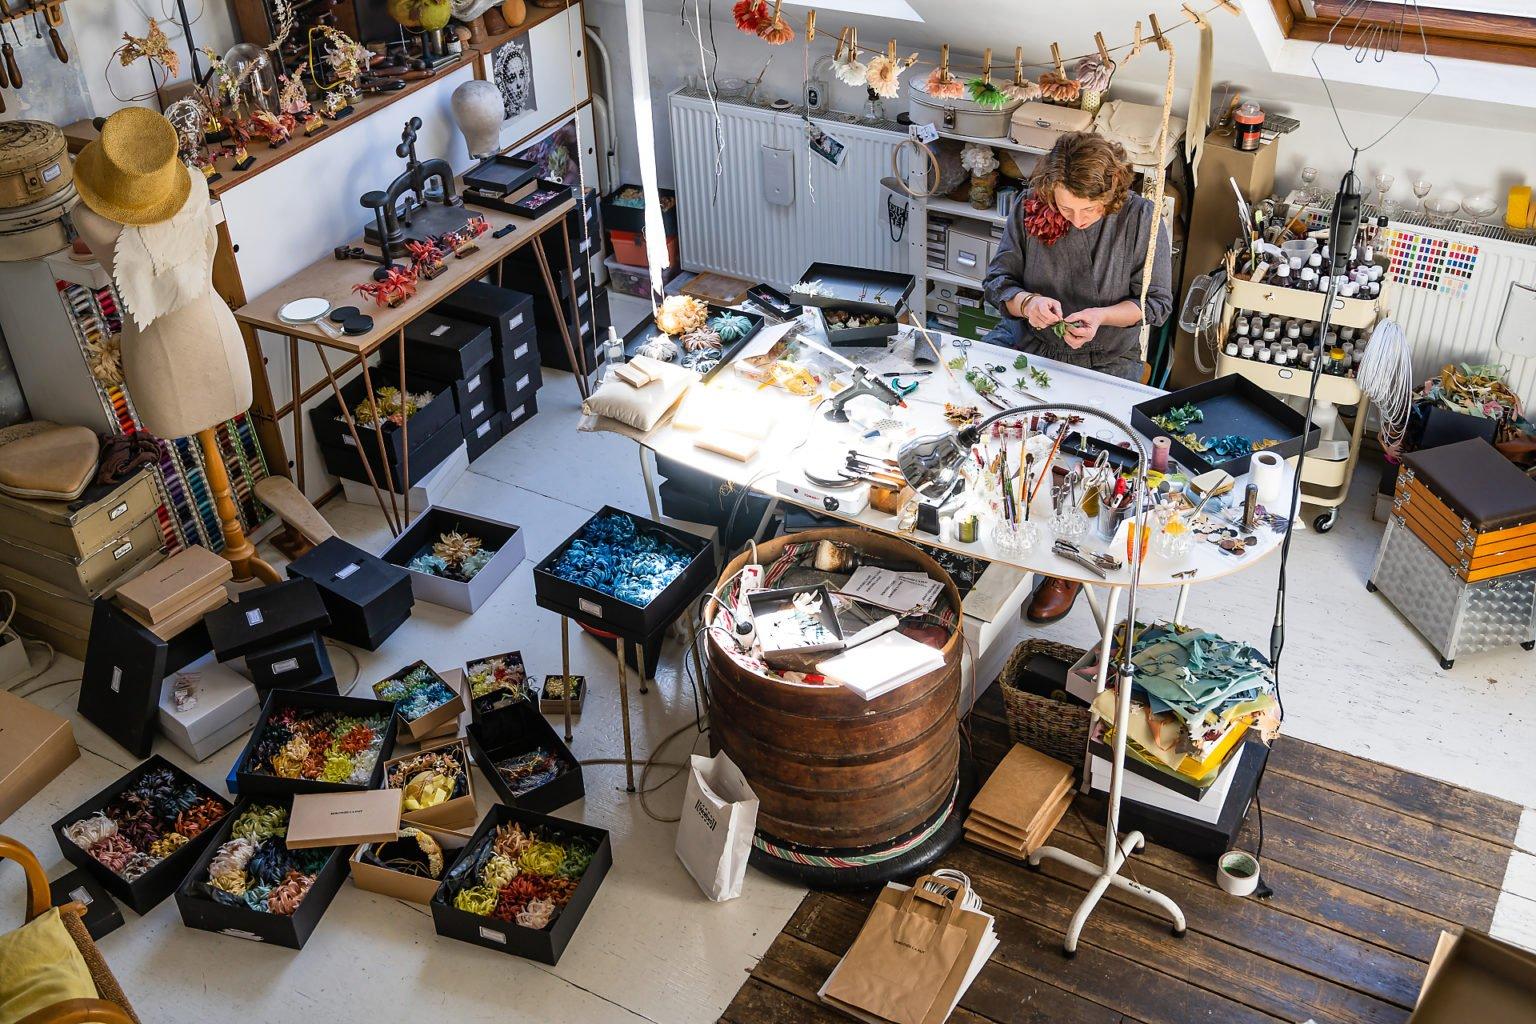 L'atelier de Dorothée l'a fait, Bruxelles, 2019, Aurore Delsoir, photographe d'entreprise